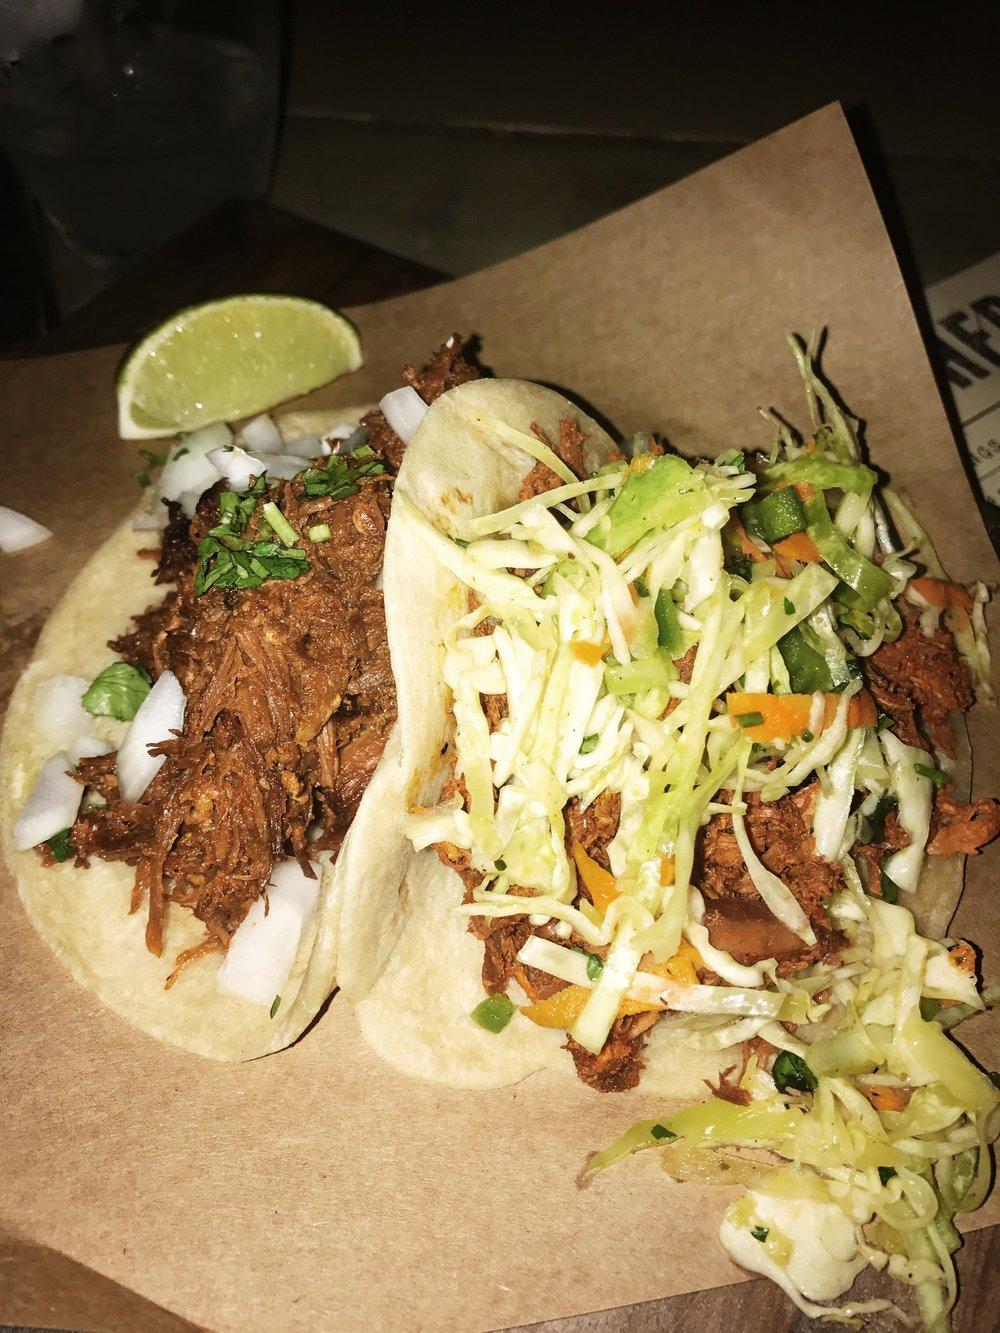 The Pork Tacos.